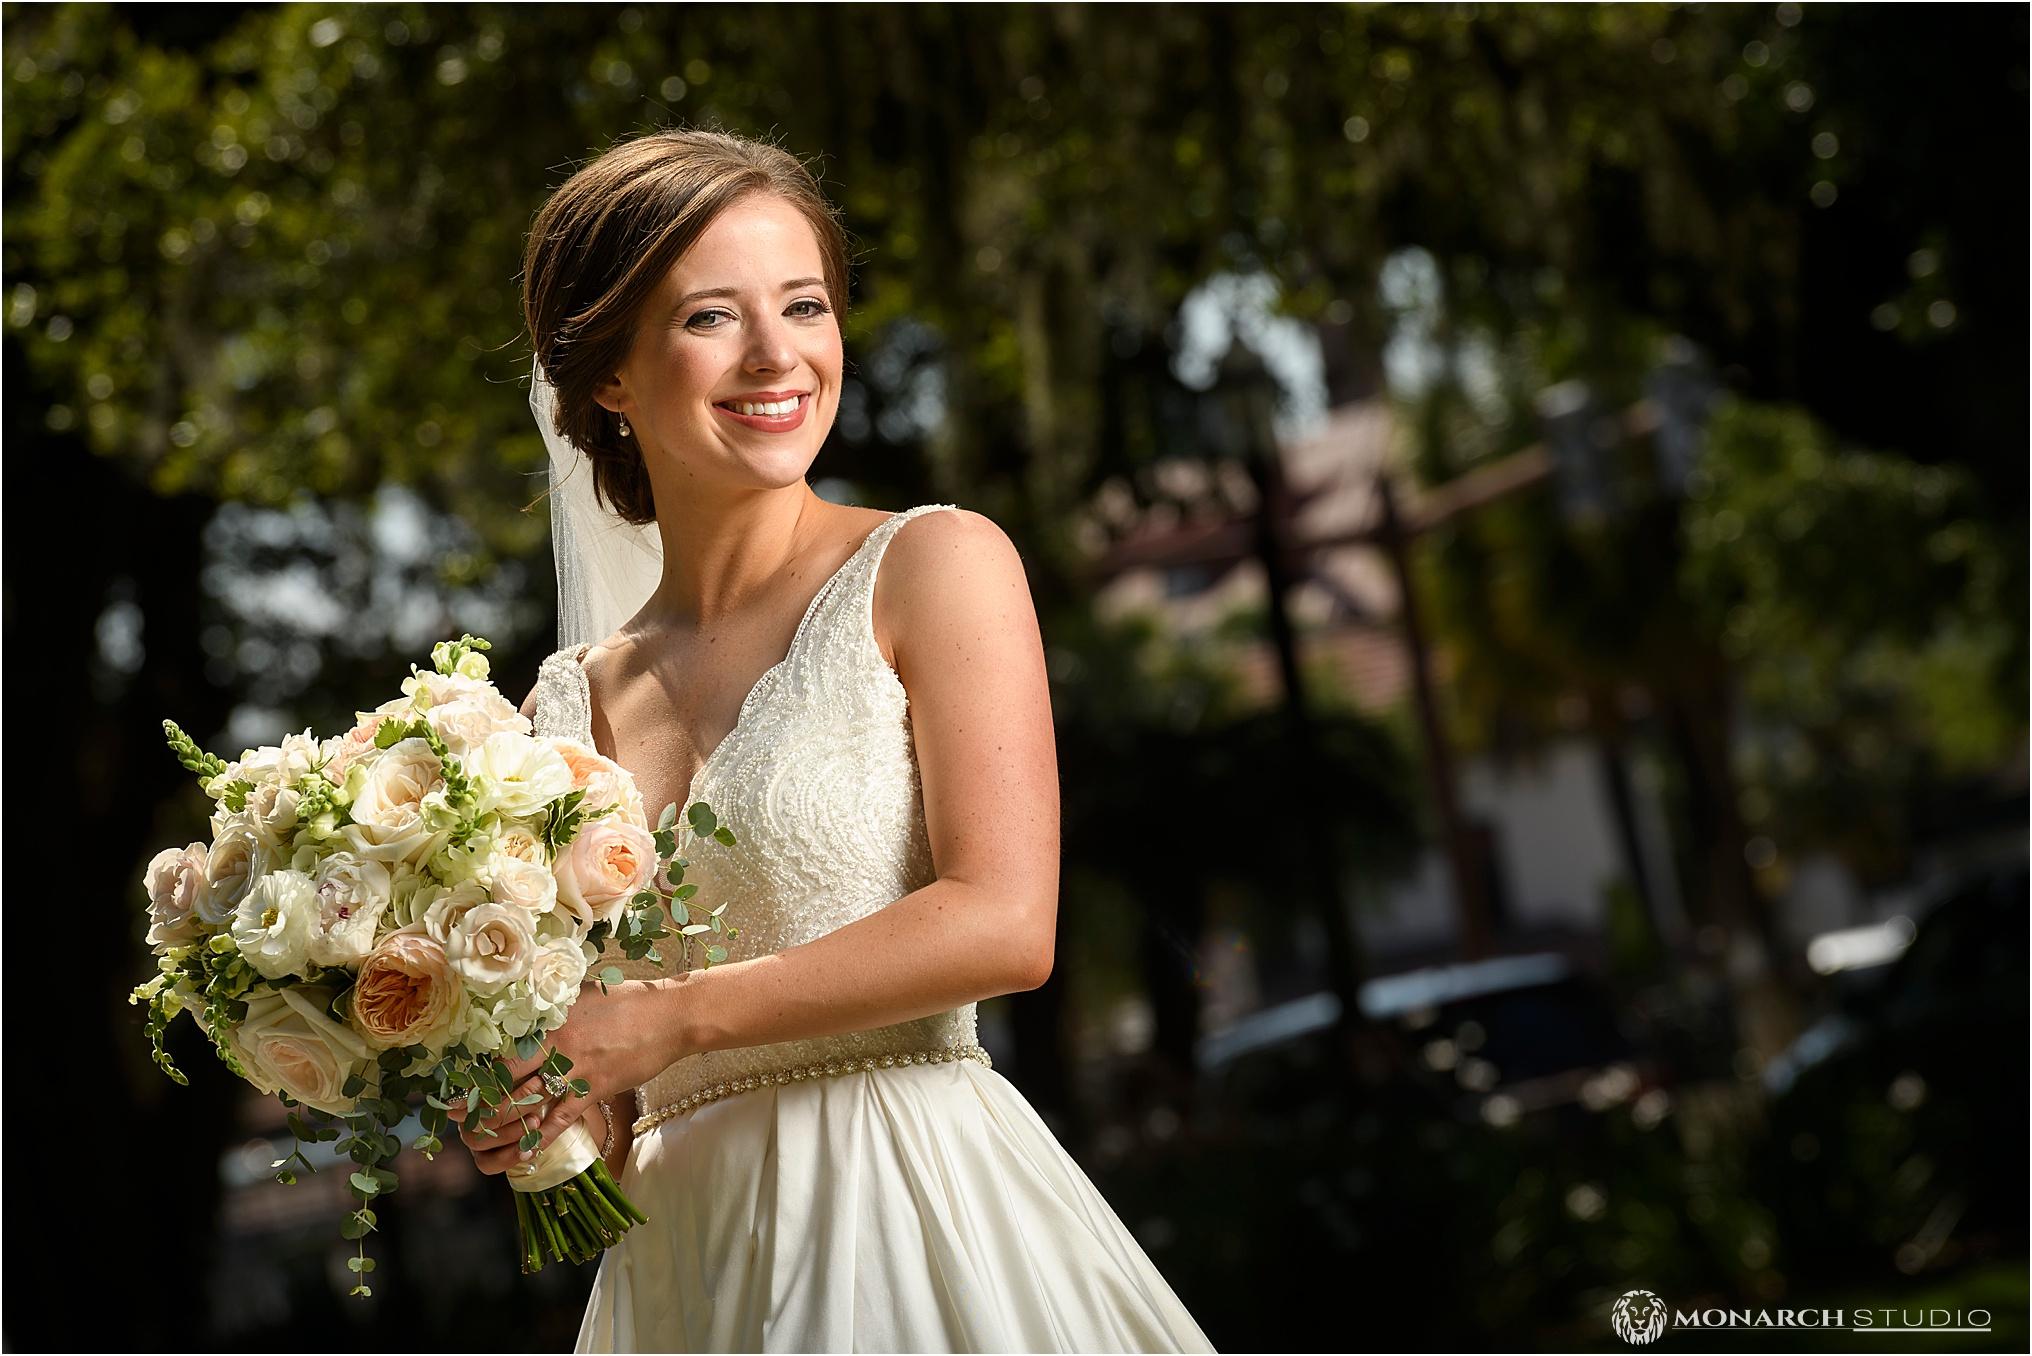 Wedding-PHotographer-in-st-augustine-2019-061.jpg